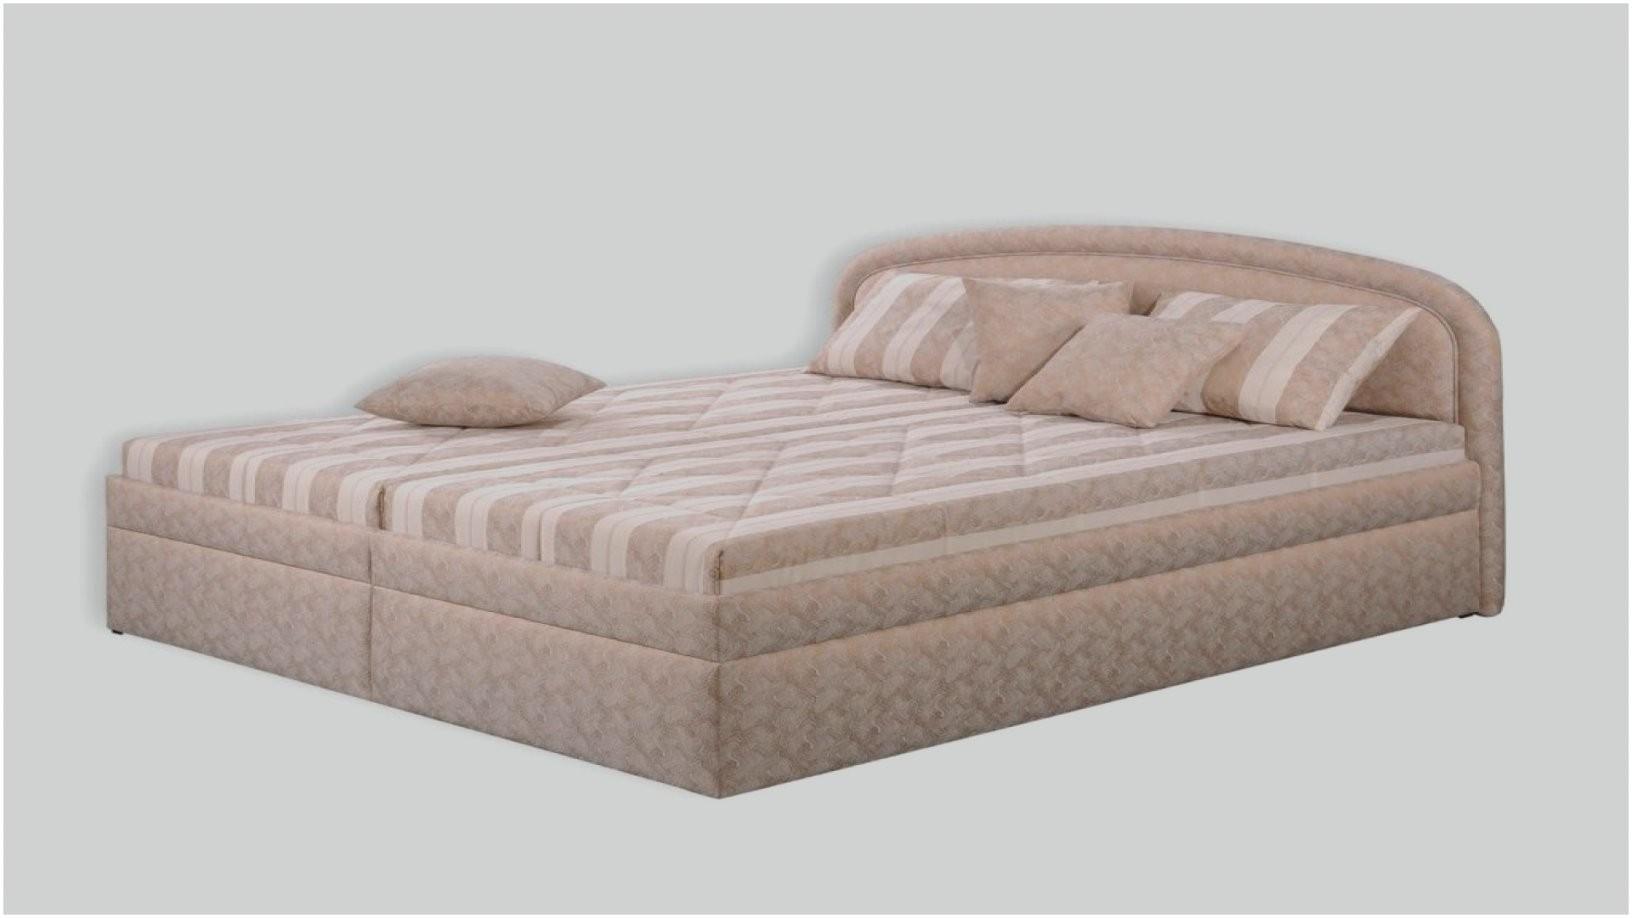 Kinderteppich Günstig Kaufen – Einzigartige Betten Mit Matratze Und von Betten Mit Matratze Und Lattenrost Günstig Kaufen Photo